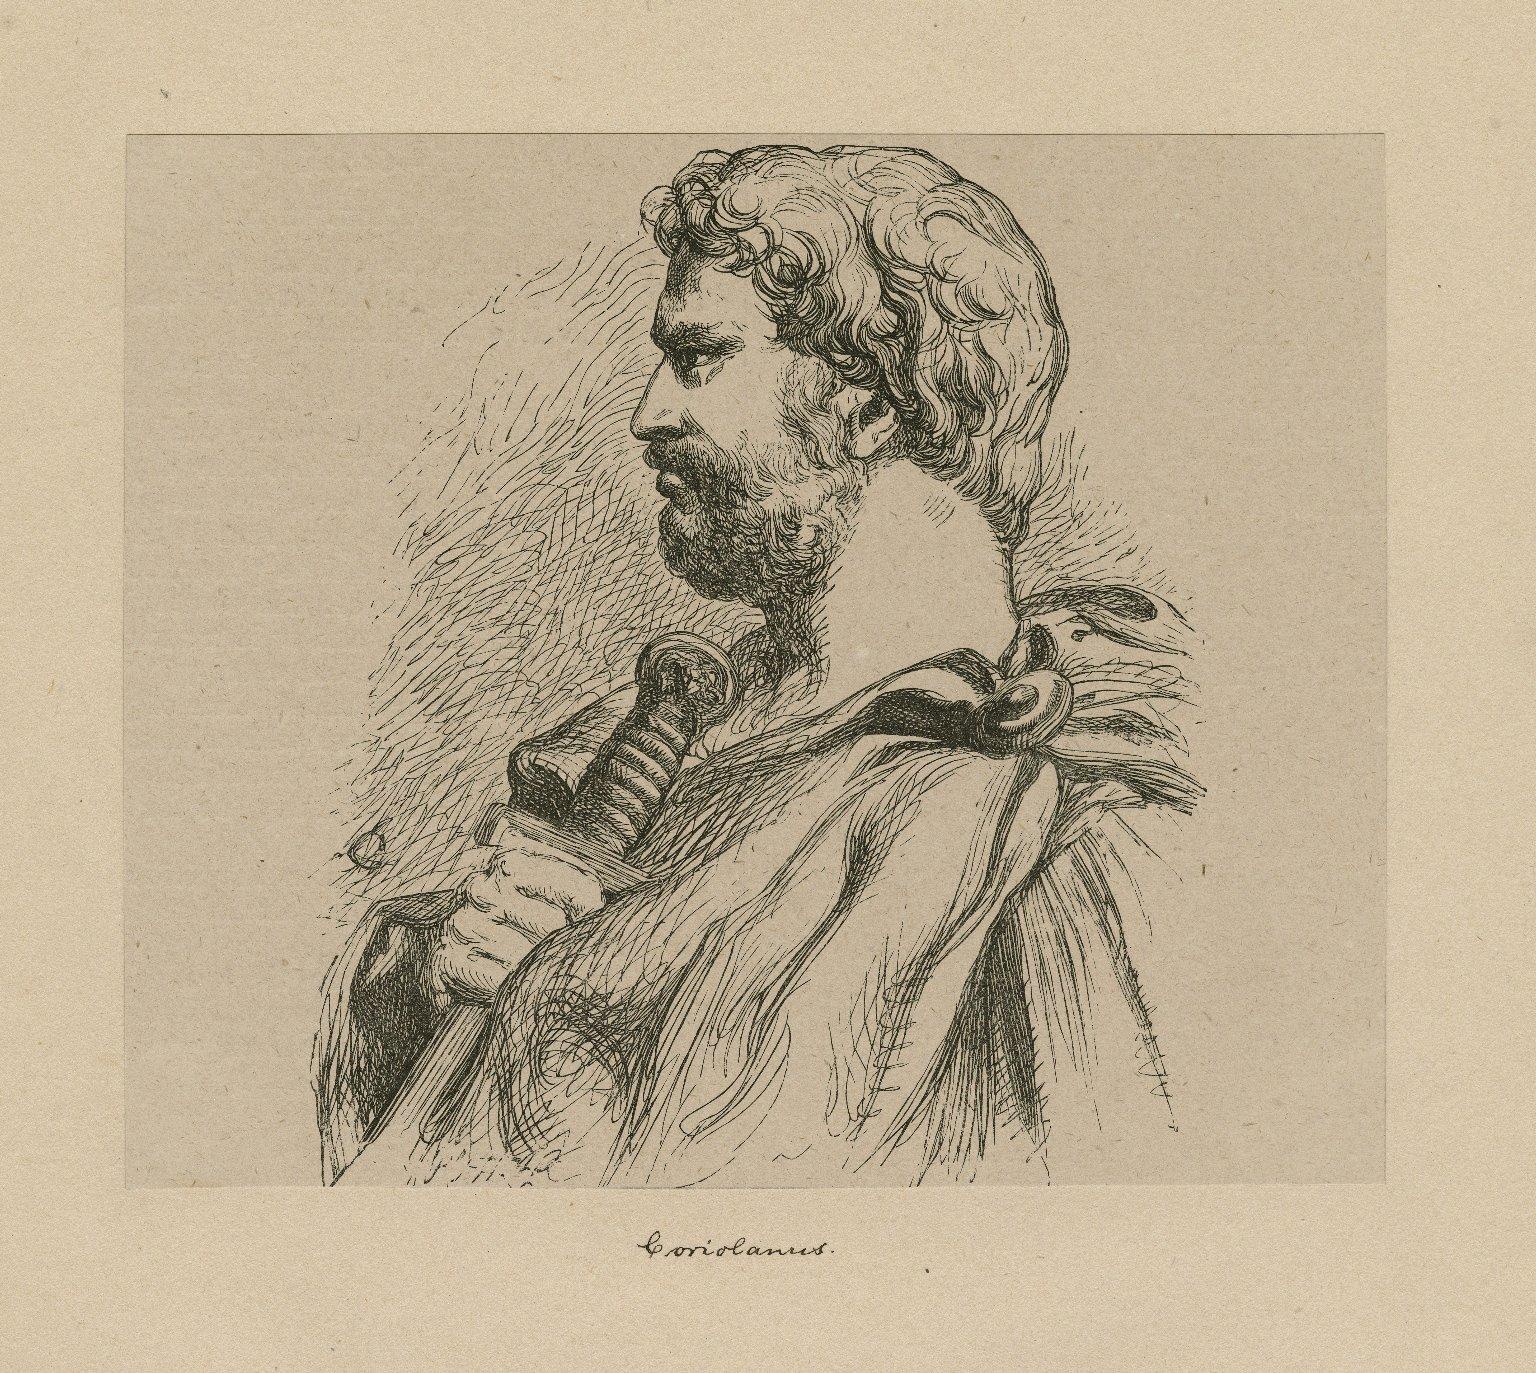 [Coriolanus] [graphic] / JG [monogram] ; Dalziel.